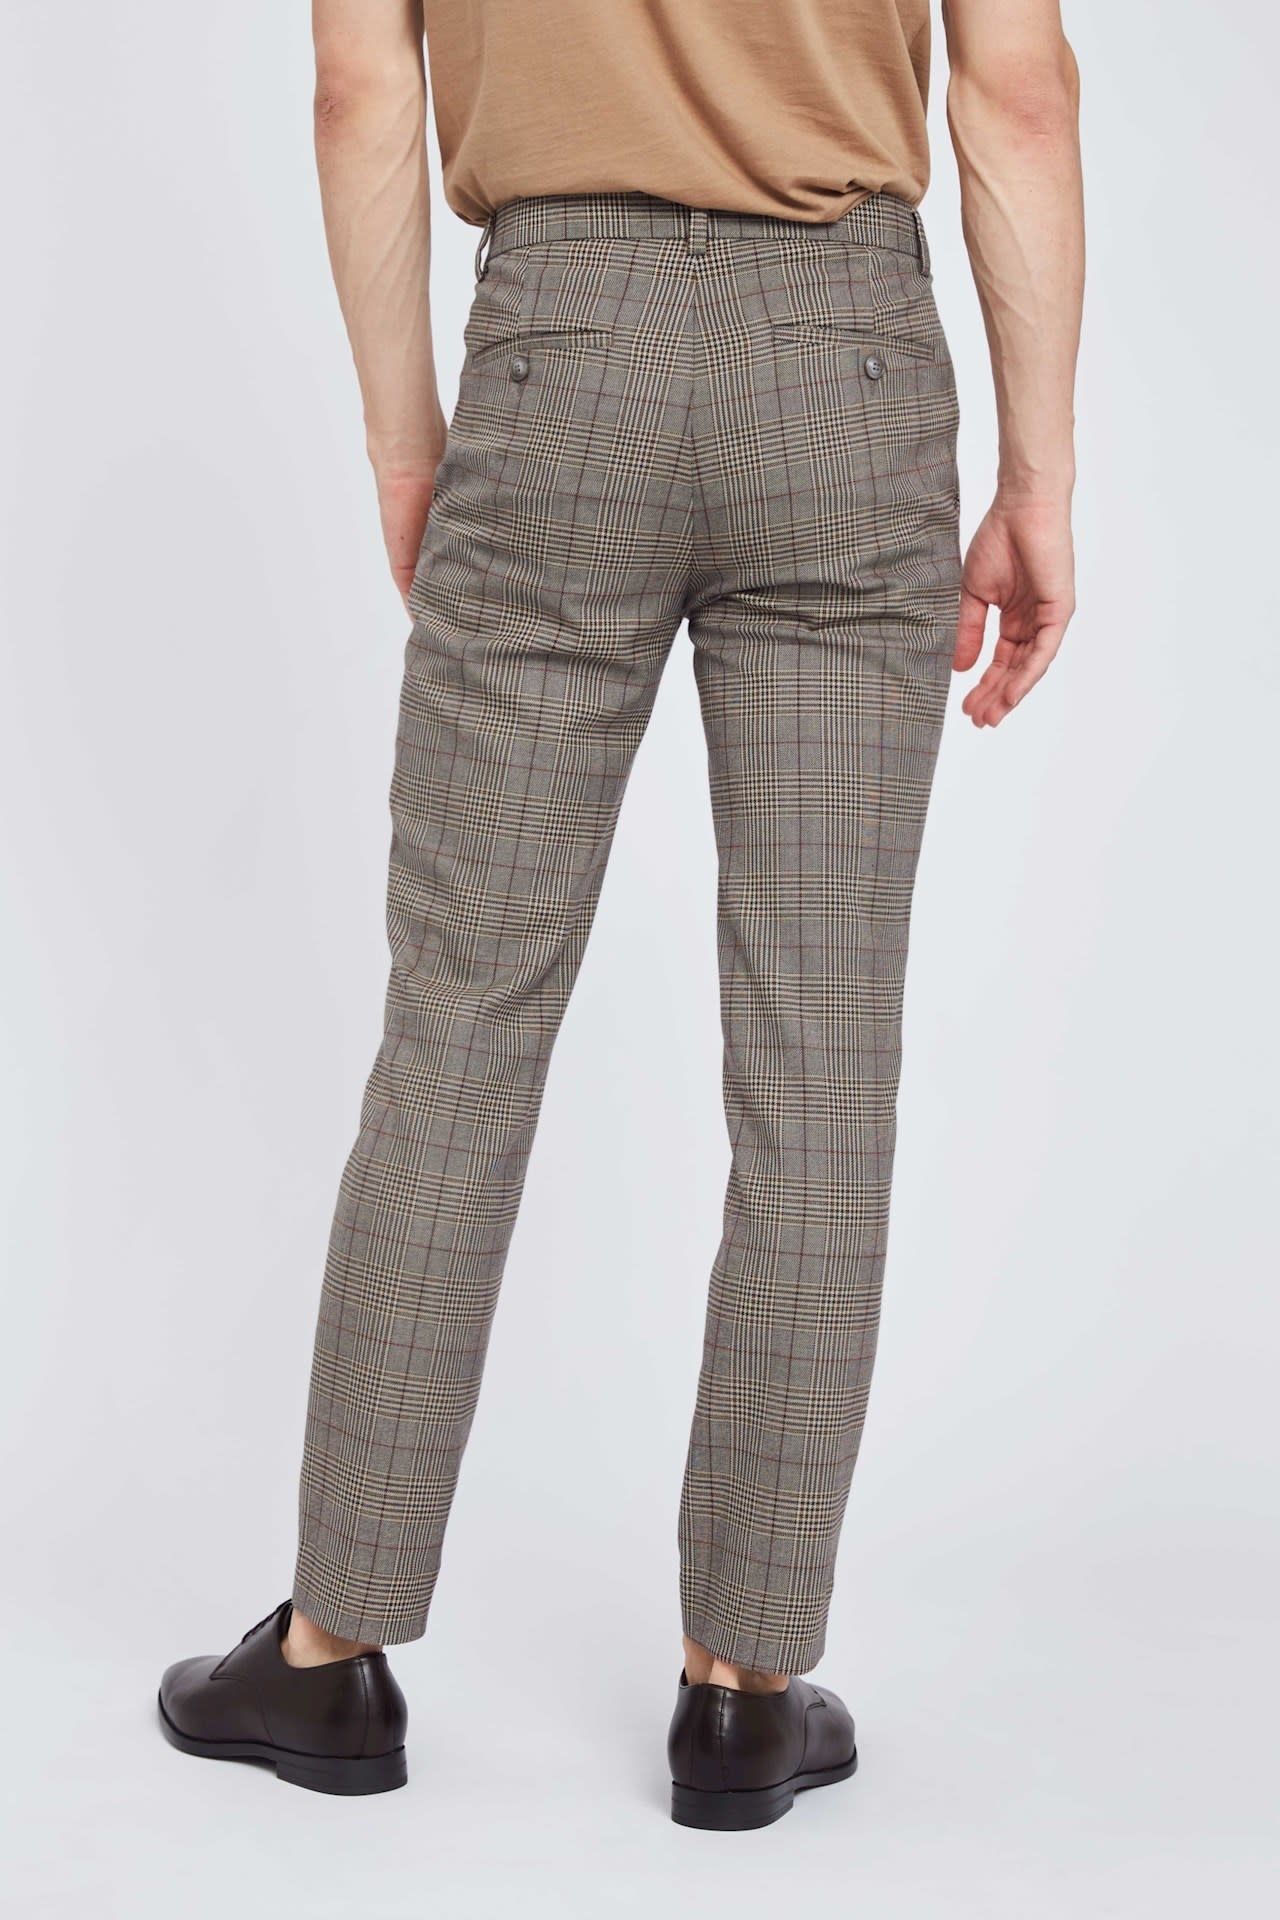 Plain Plain Josh 513 Pants Khaki Cool Check